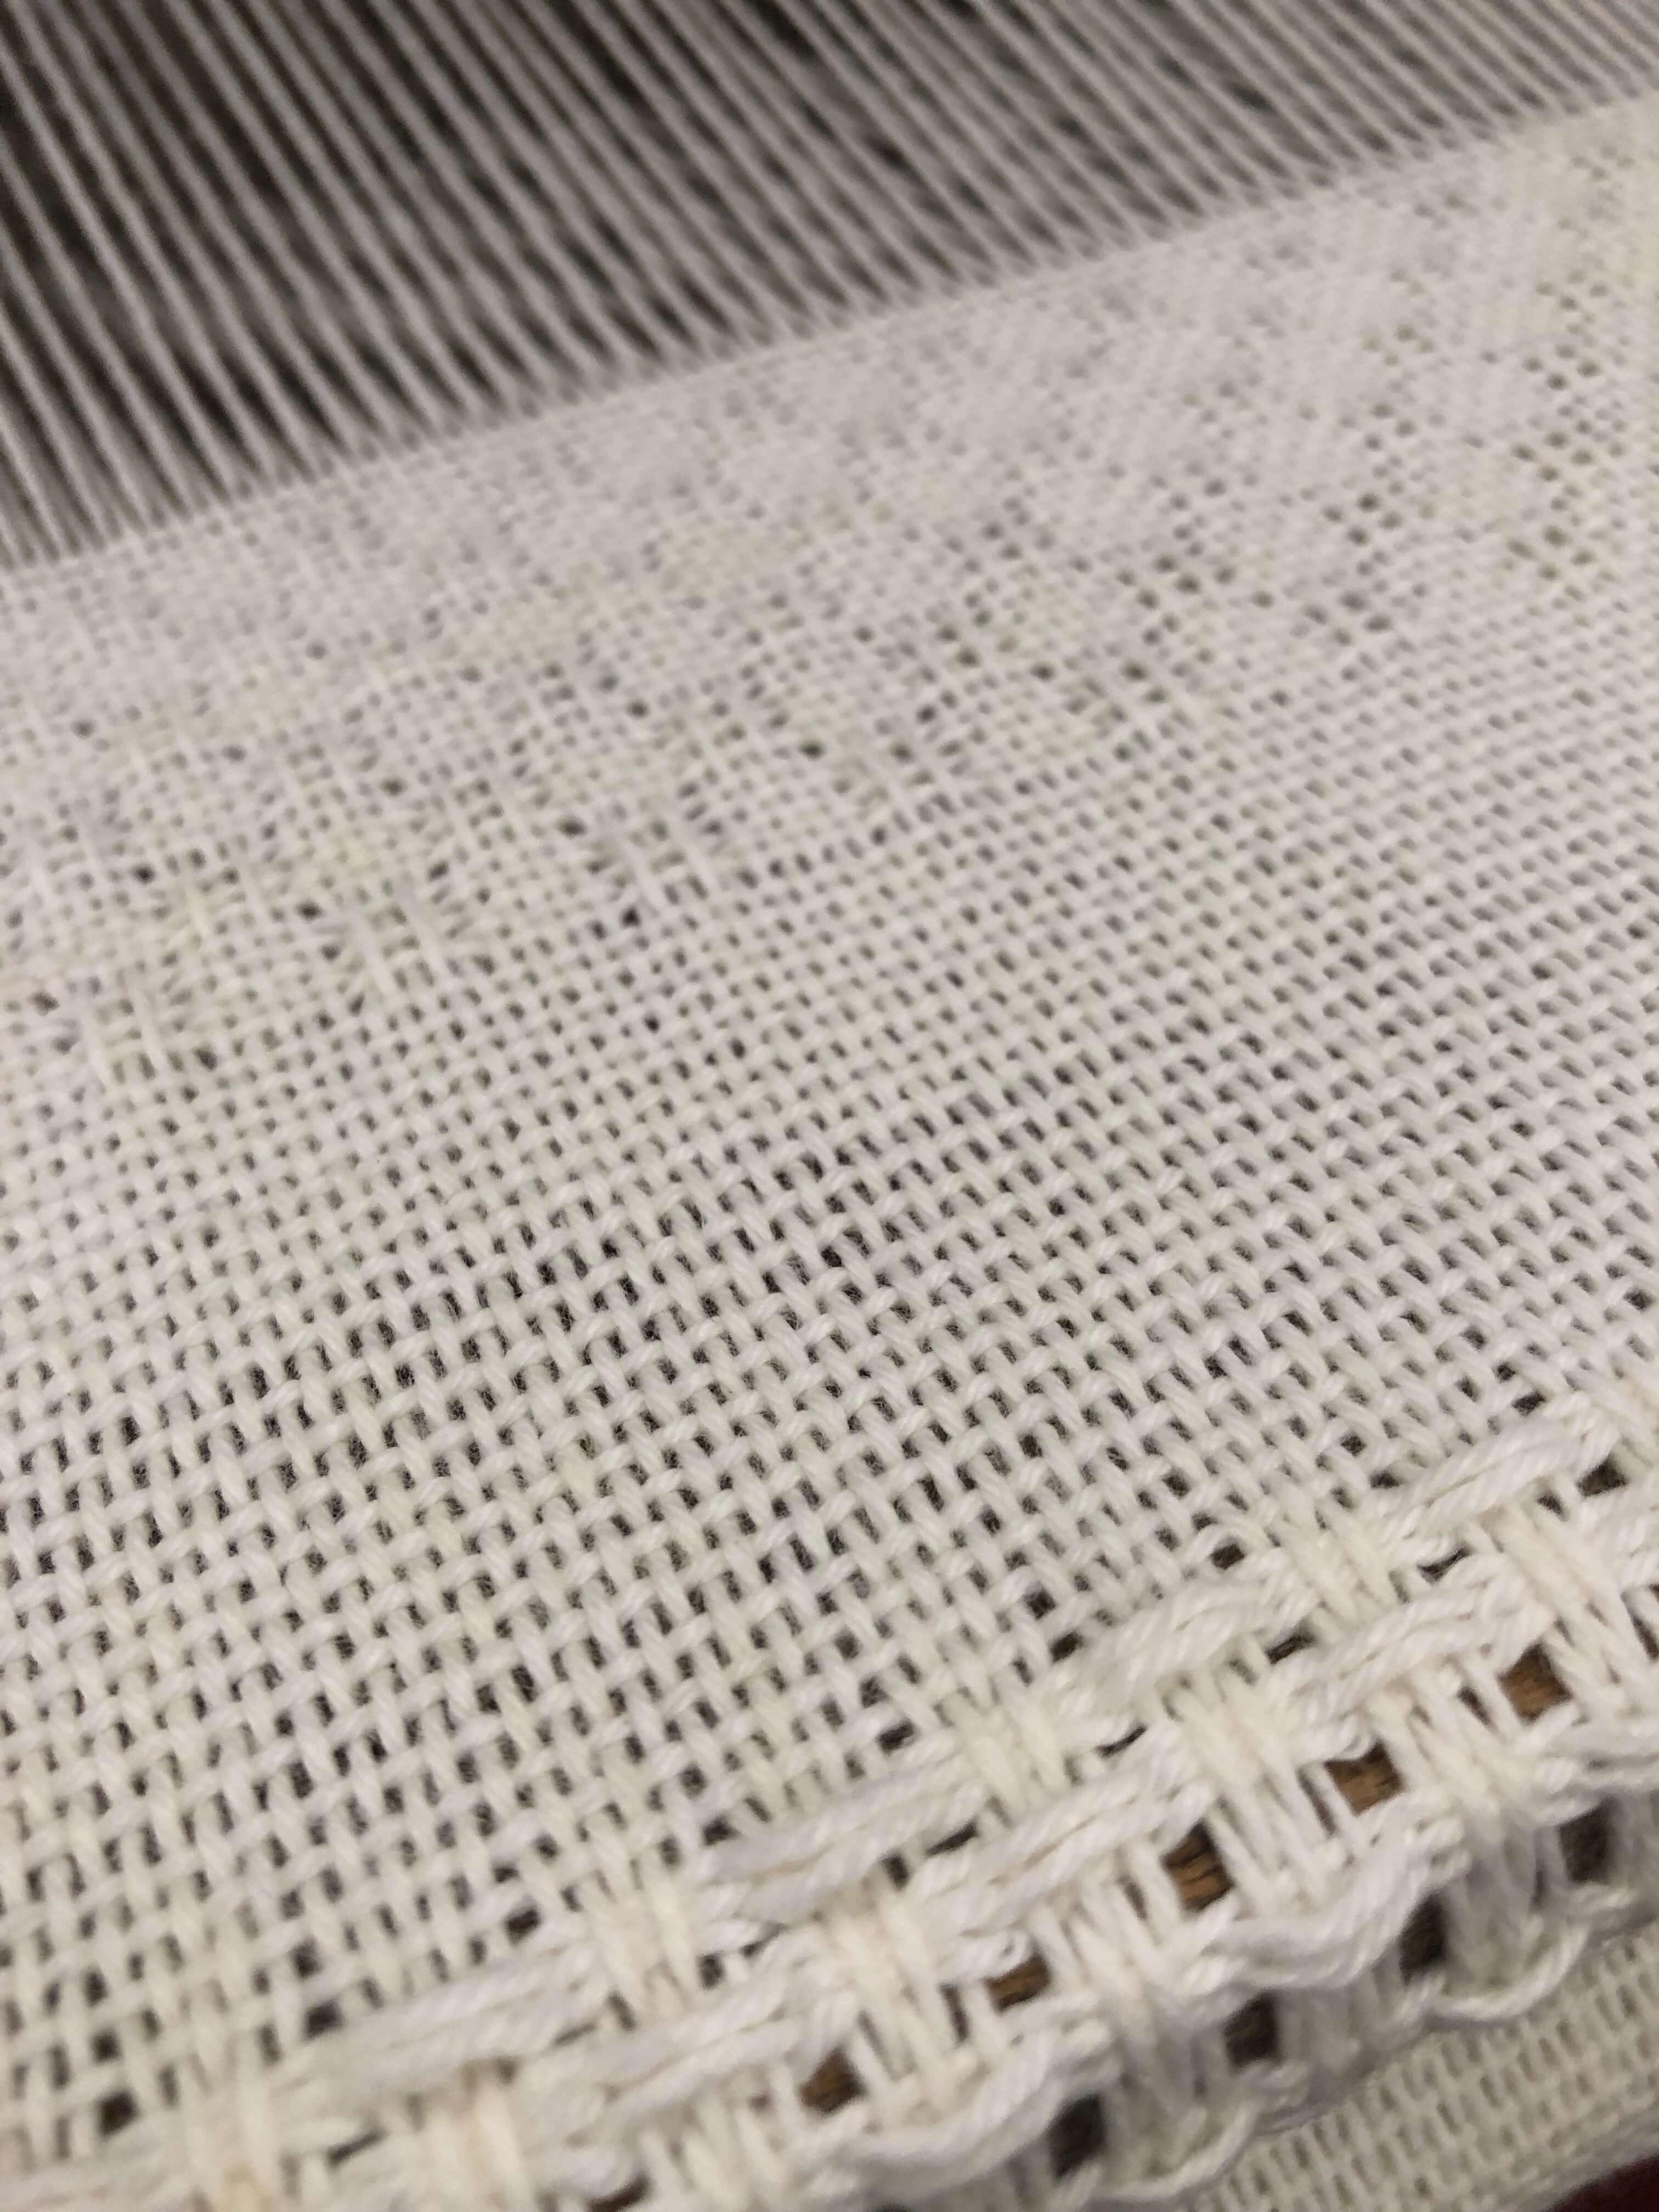 Weaving_2018_IMG_2851